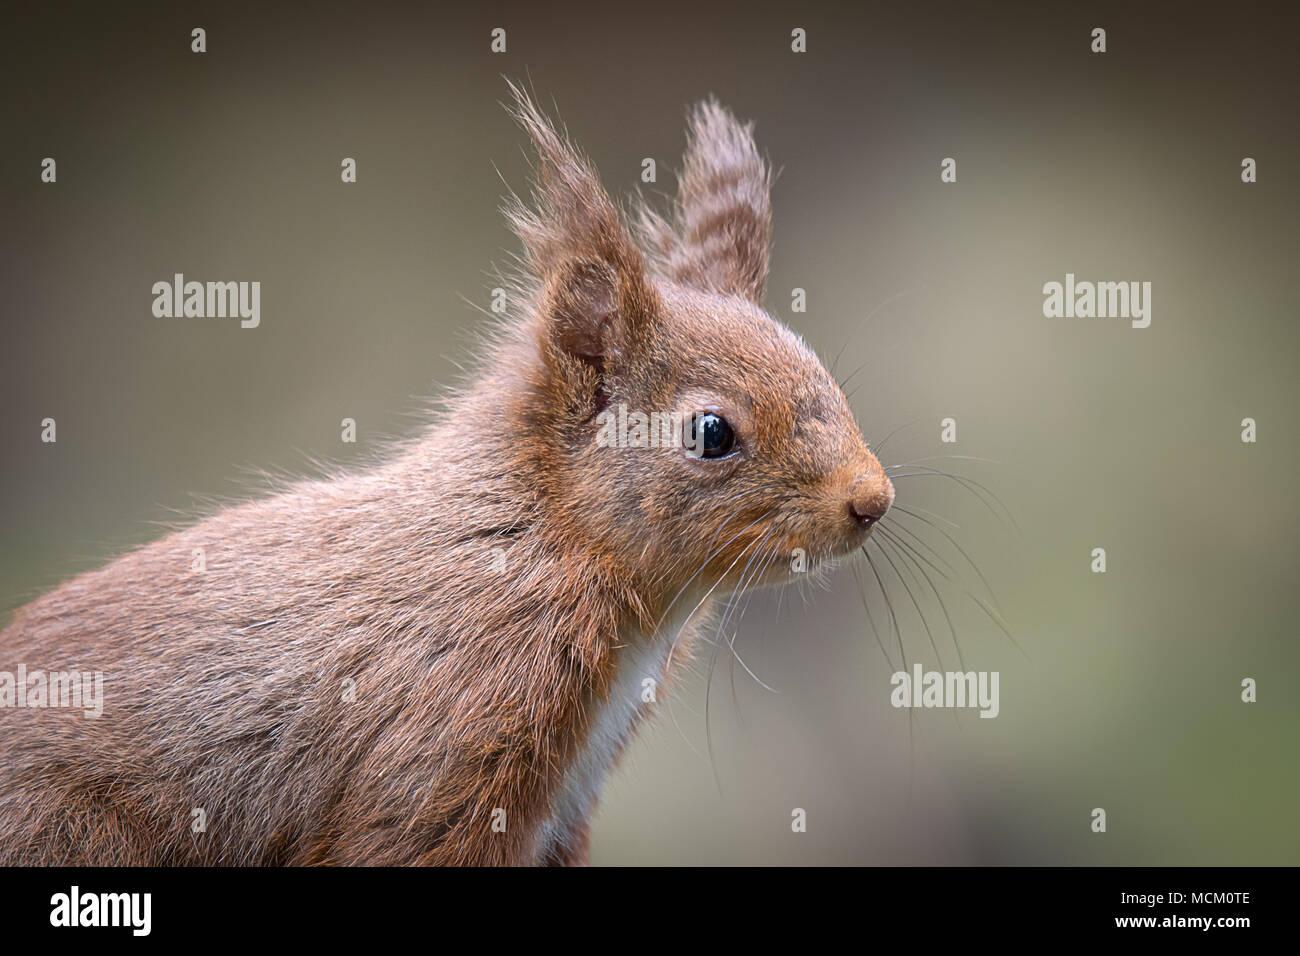 Un gros plan tête portrait d'un écureuil rouge très alerte maintenant son œil ouvert pour les prédateurs Banque D'Images